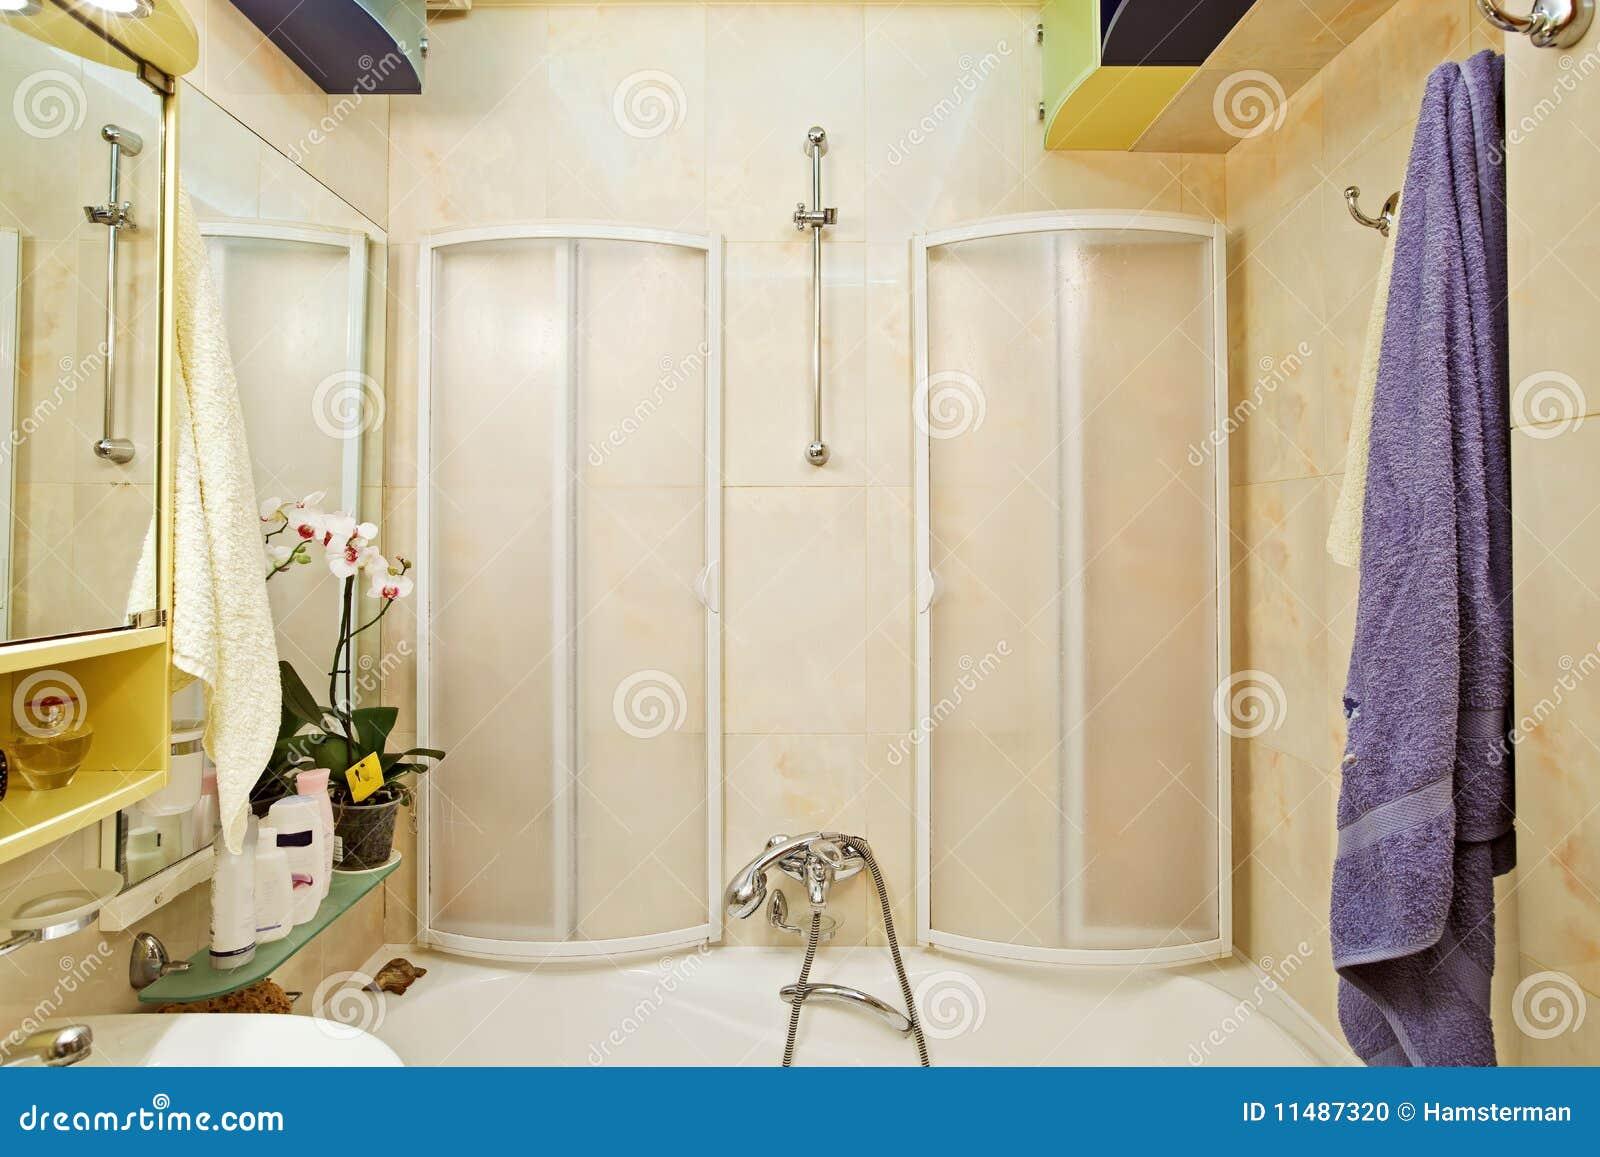 Nis boven het bad praktisch decoratief badkamer fotospecial